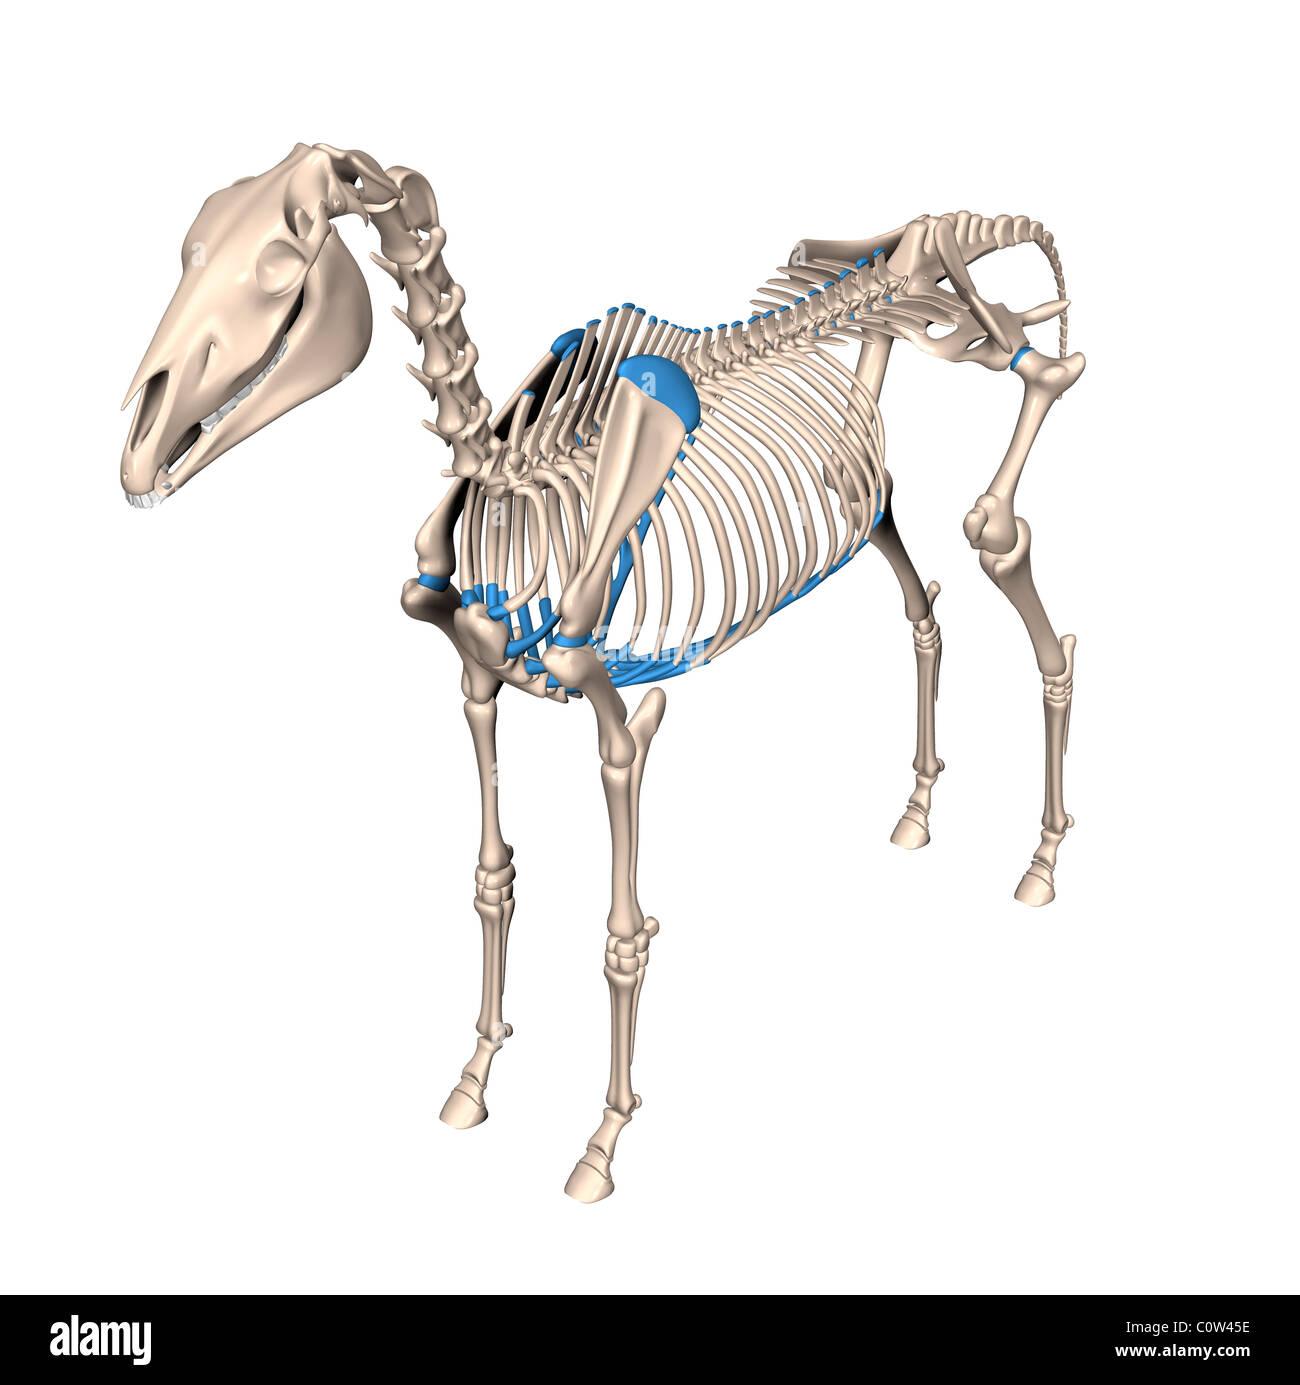 Schön 3d Pferd Anatomie Fotos - Menschliche Anatomie Bilder ...